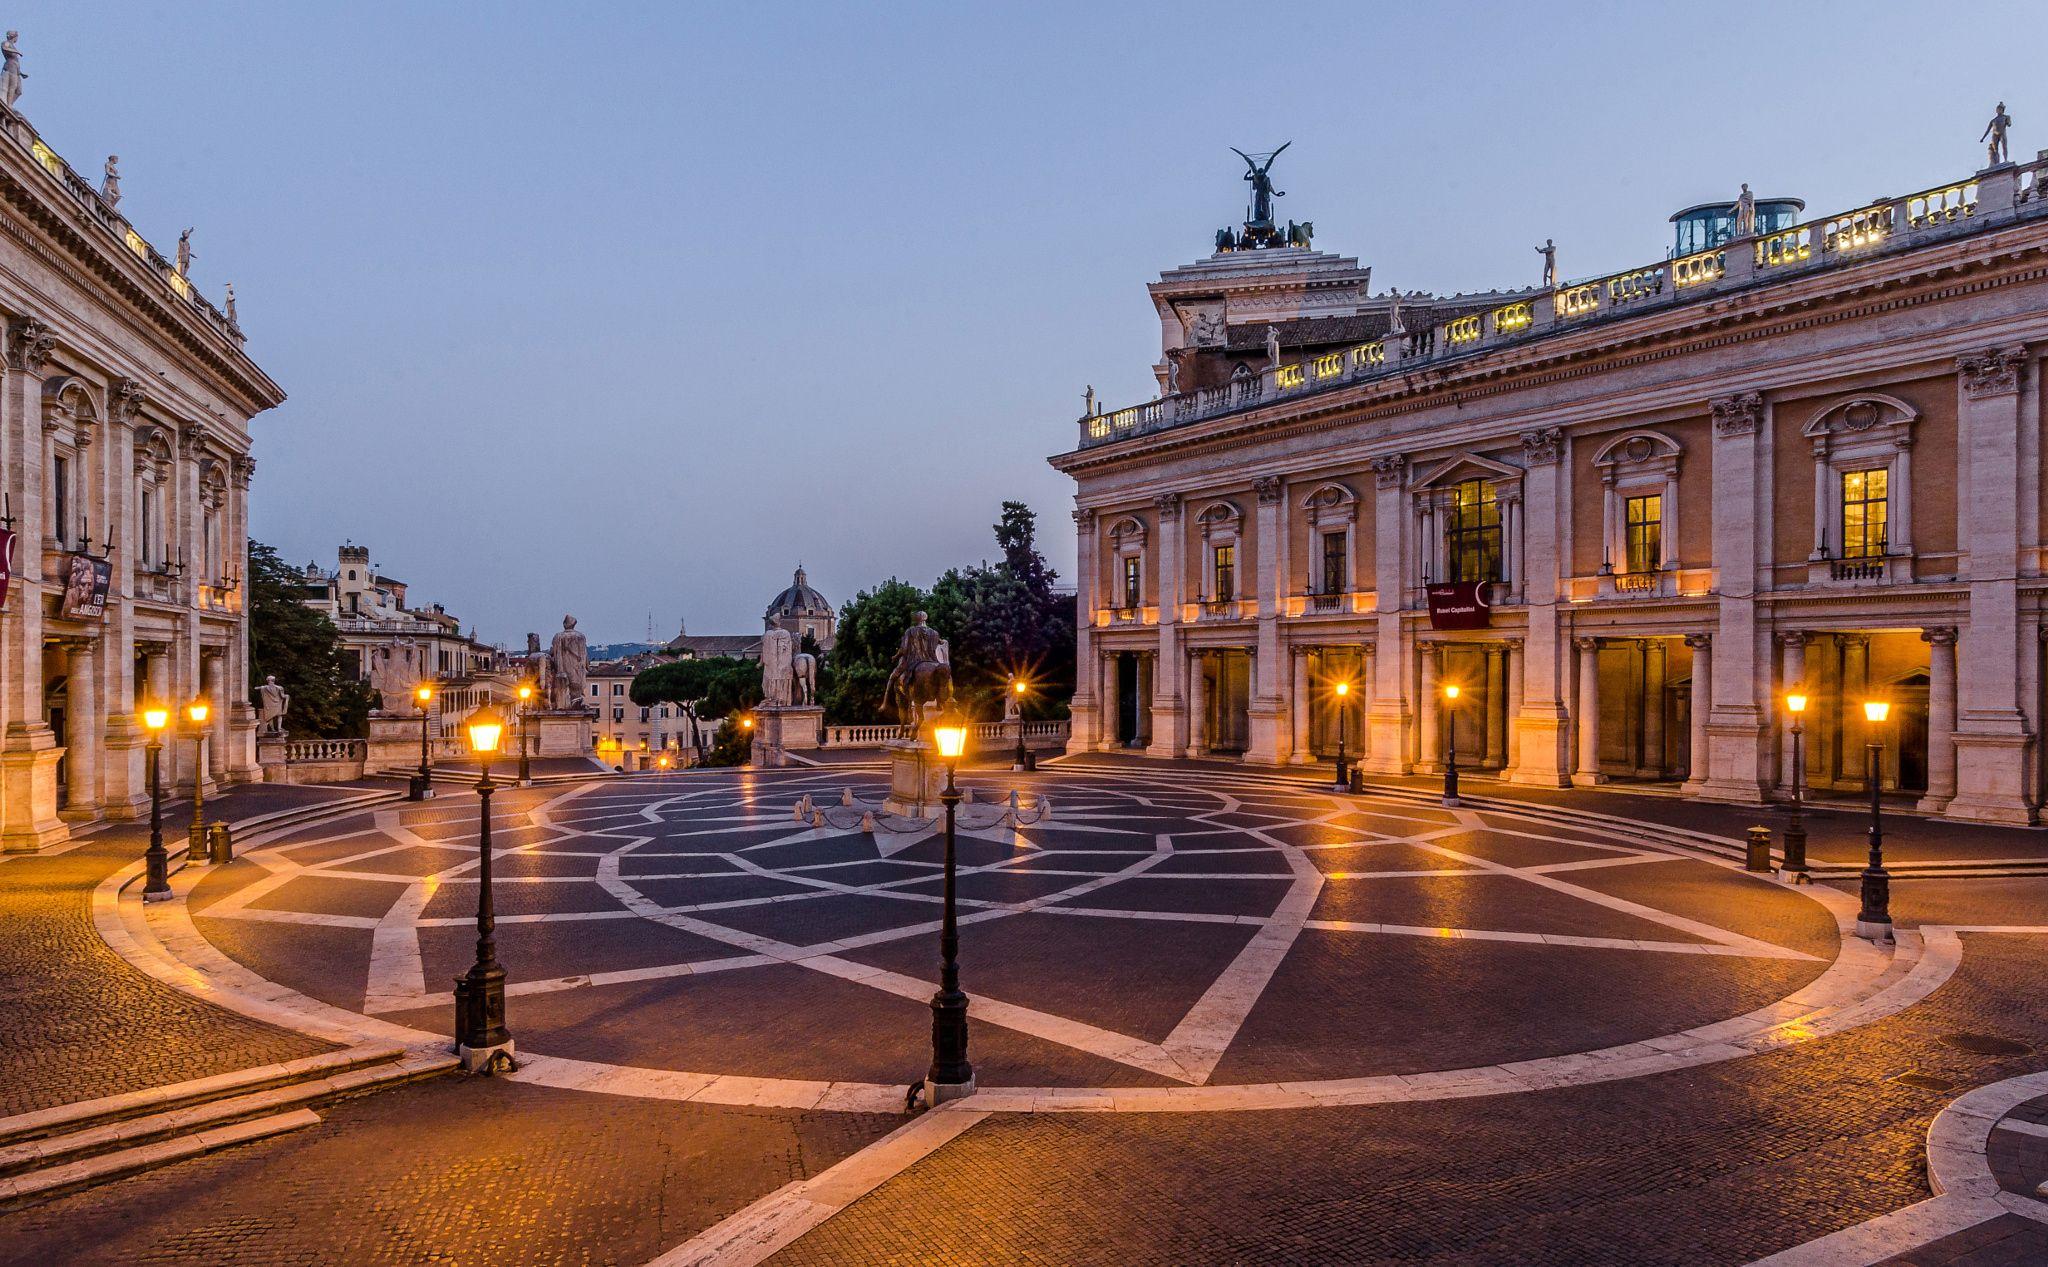 Piazza del Campidoglio - Rome | Rome, Architecture ...